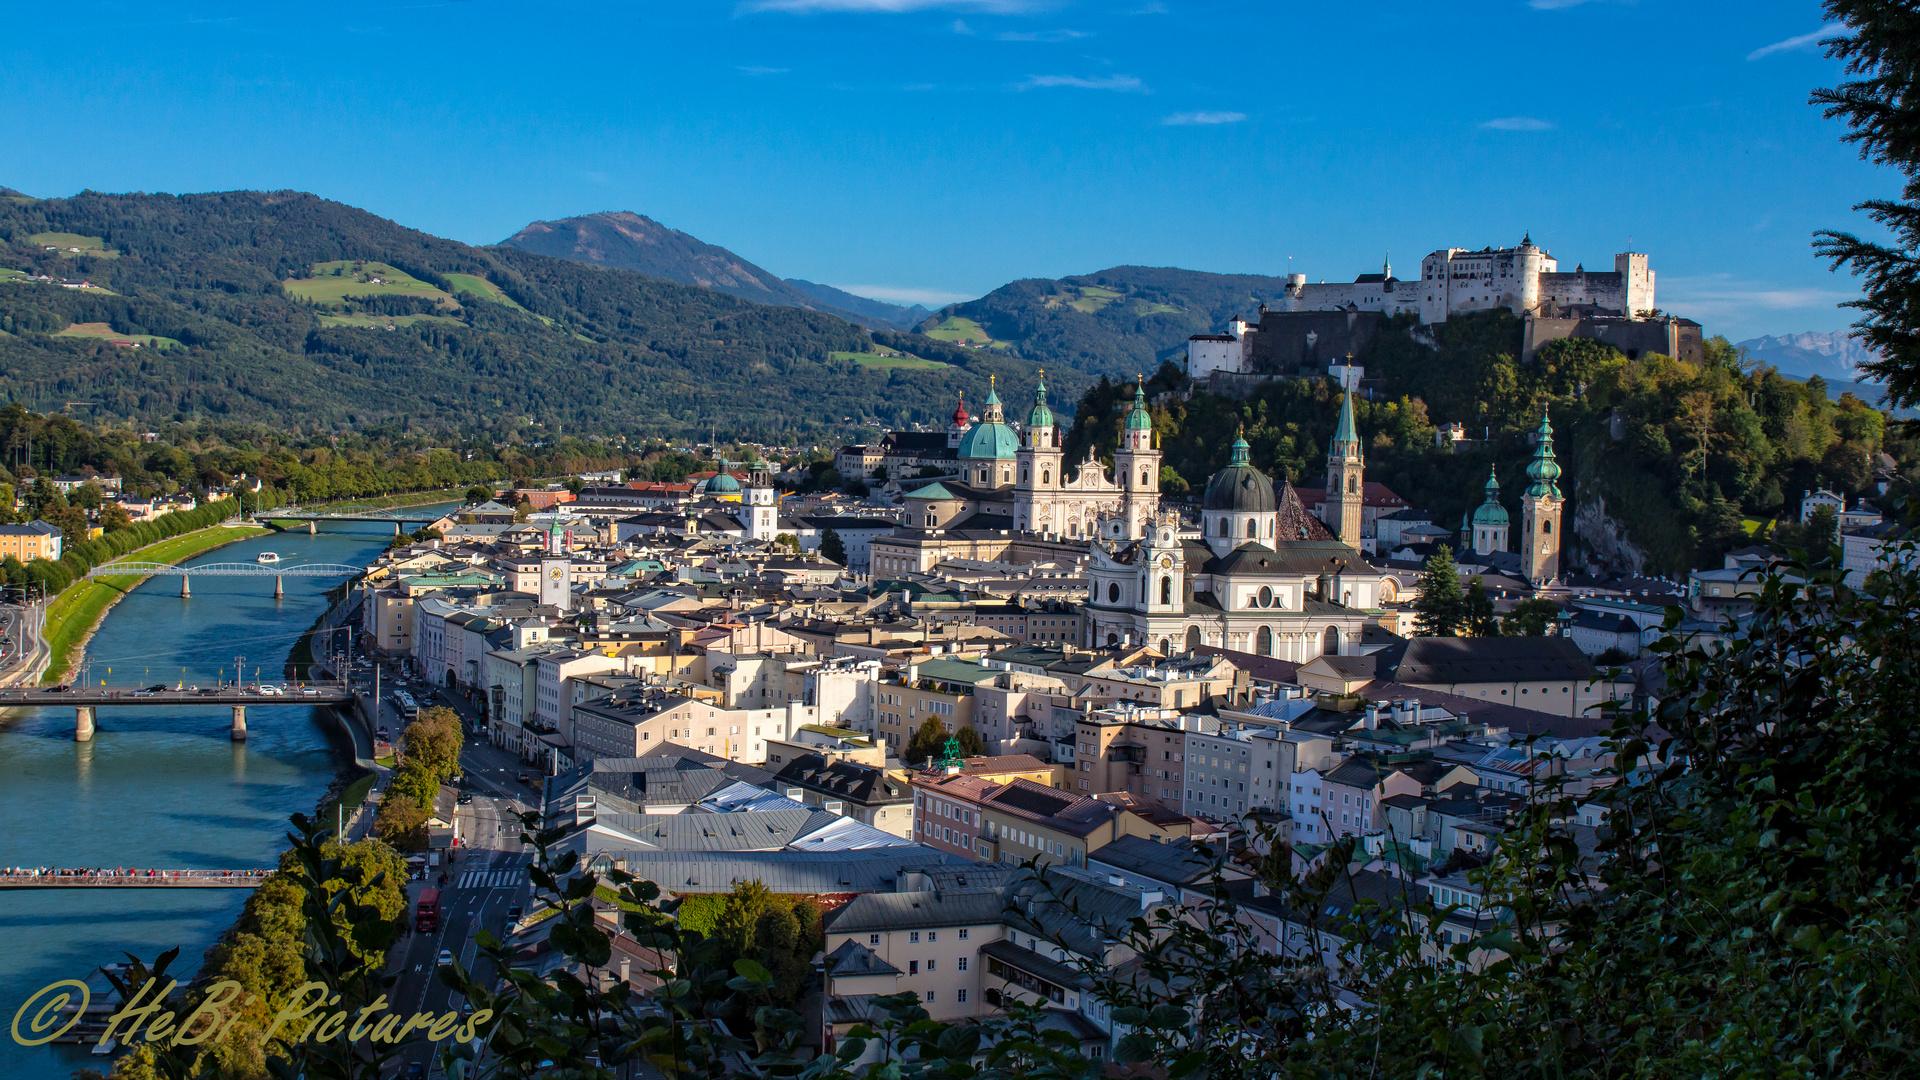 Salzburg von seiner schönsten Seite